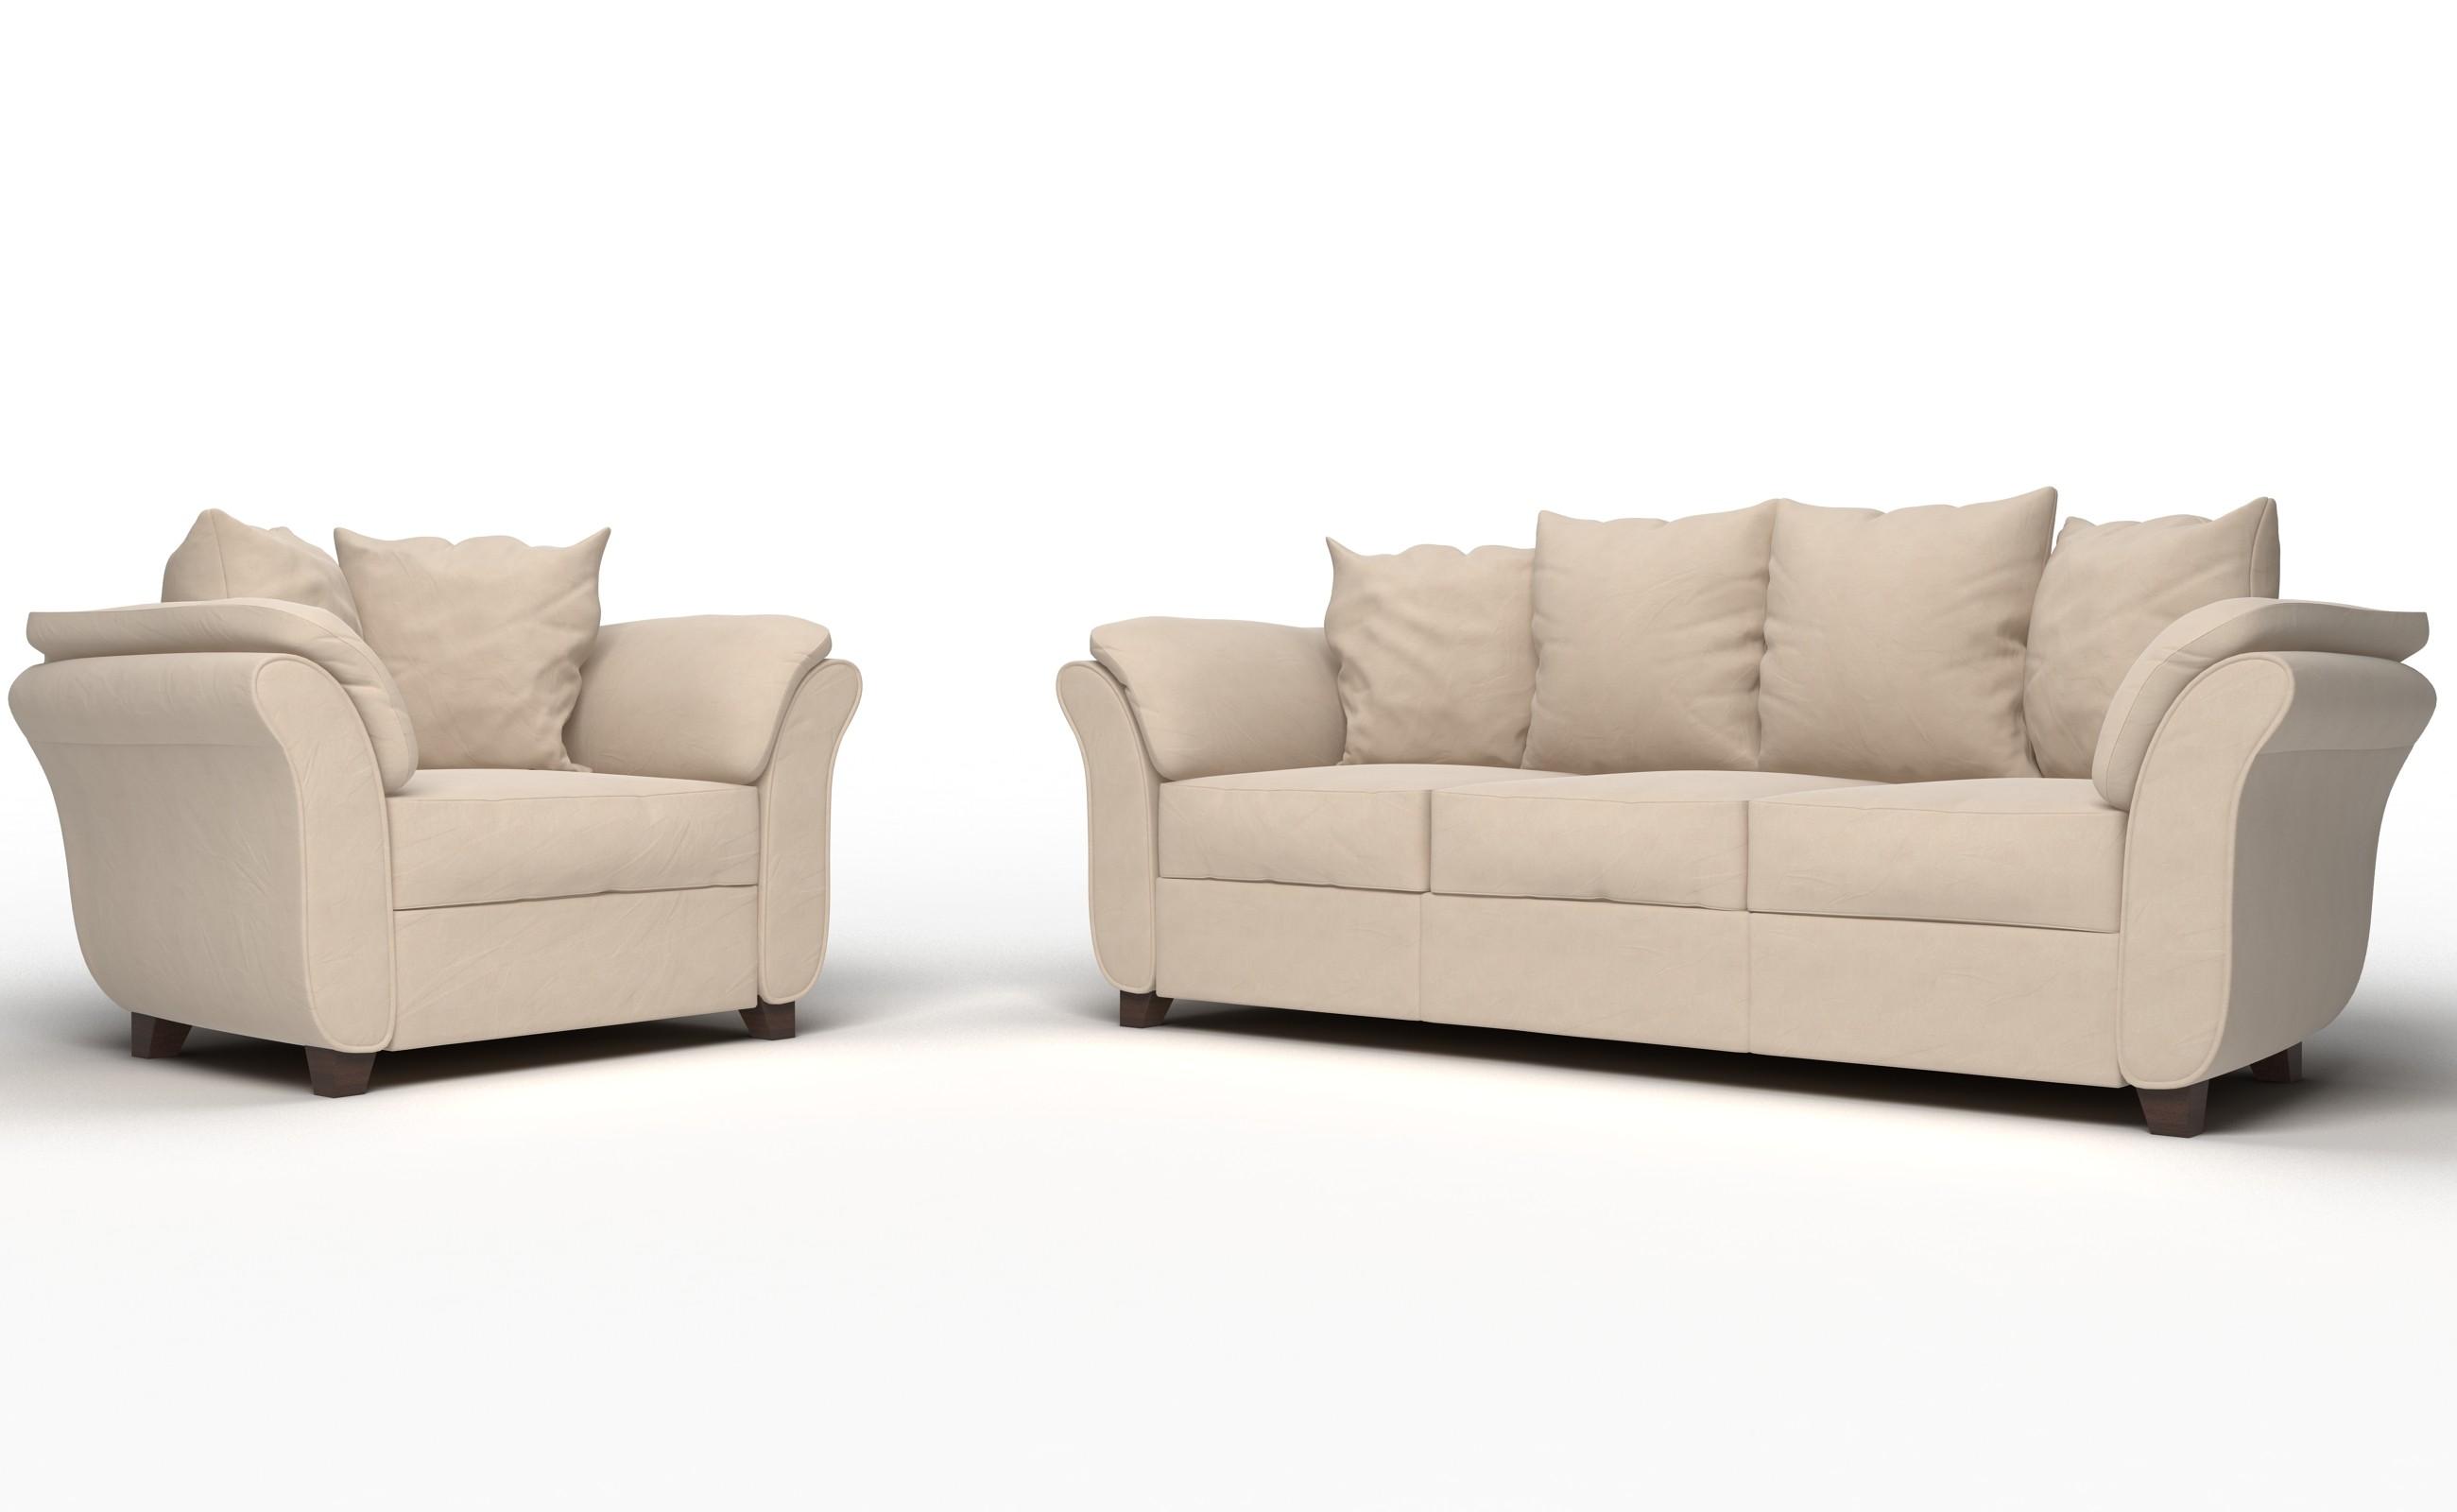 3ds max fabric sofa : fotolia17jpgb4949960 7f66 4e83 9865 1a641b924dcdOriginal from www.turbosquid.com size 2600 x 1600 jpeg 200kB